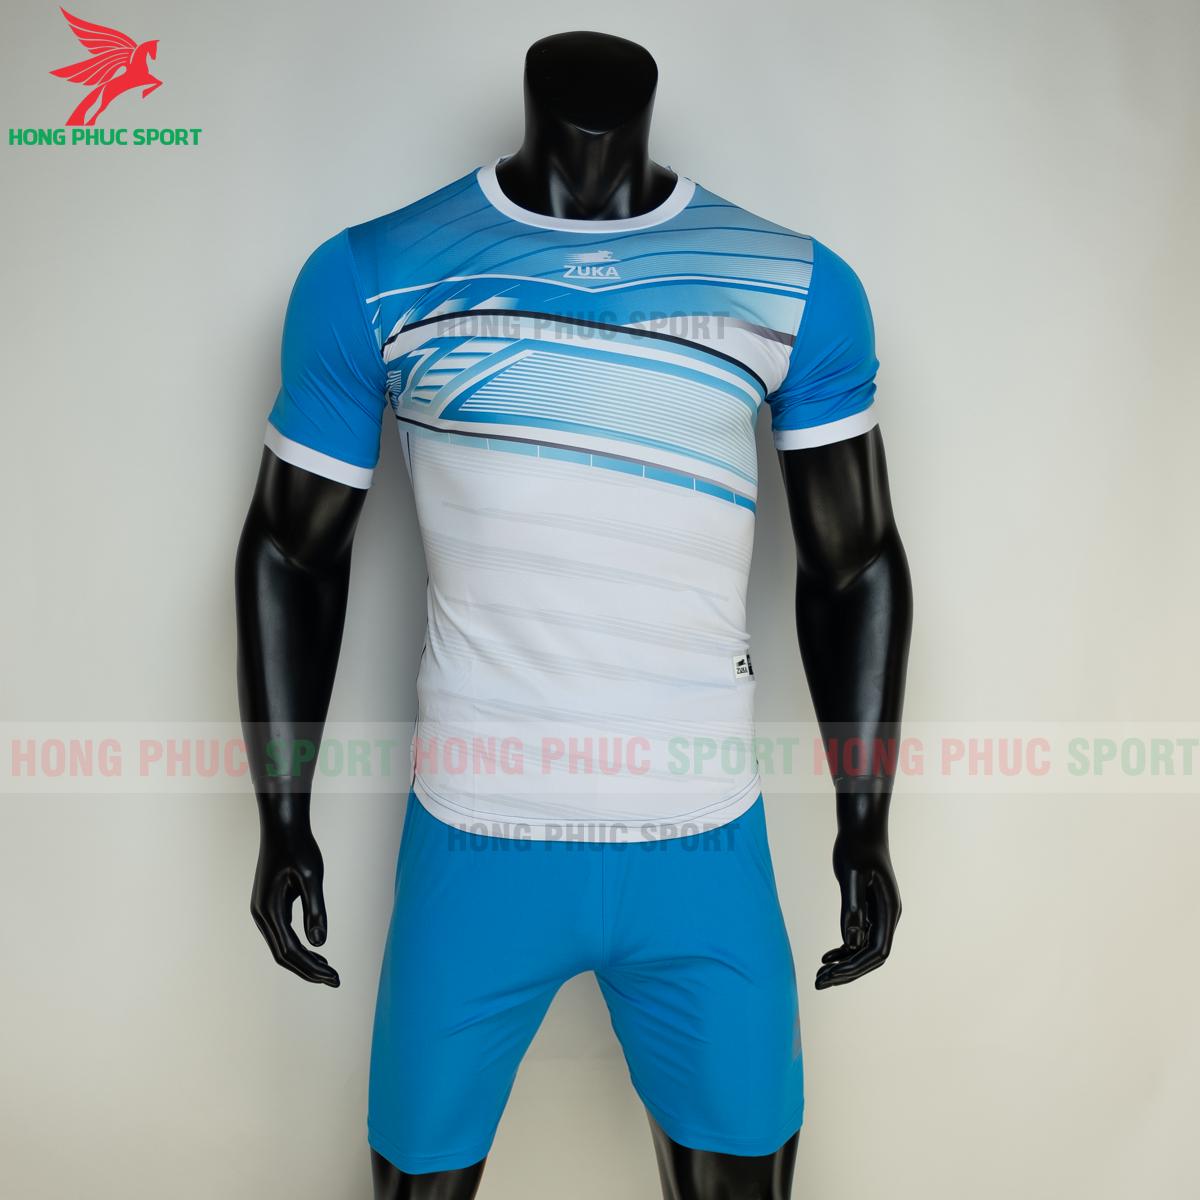 https://cdn.hongphucsport.com/unsafe/s4.shopbay.vn/files/285/ao-bong-da-khong-logo-zuka-01-mau-xanh-2-60502e723e862.png